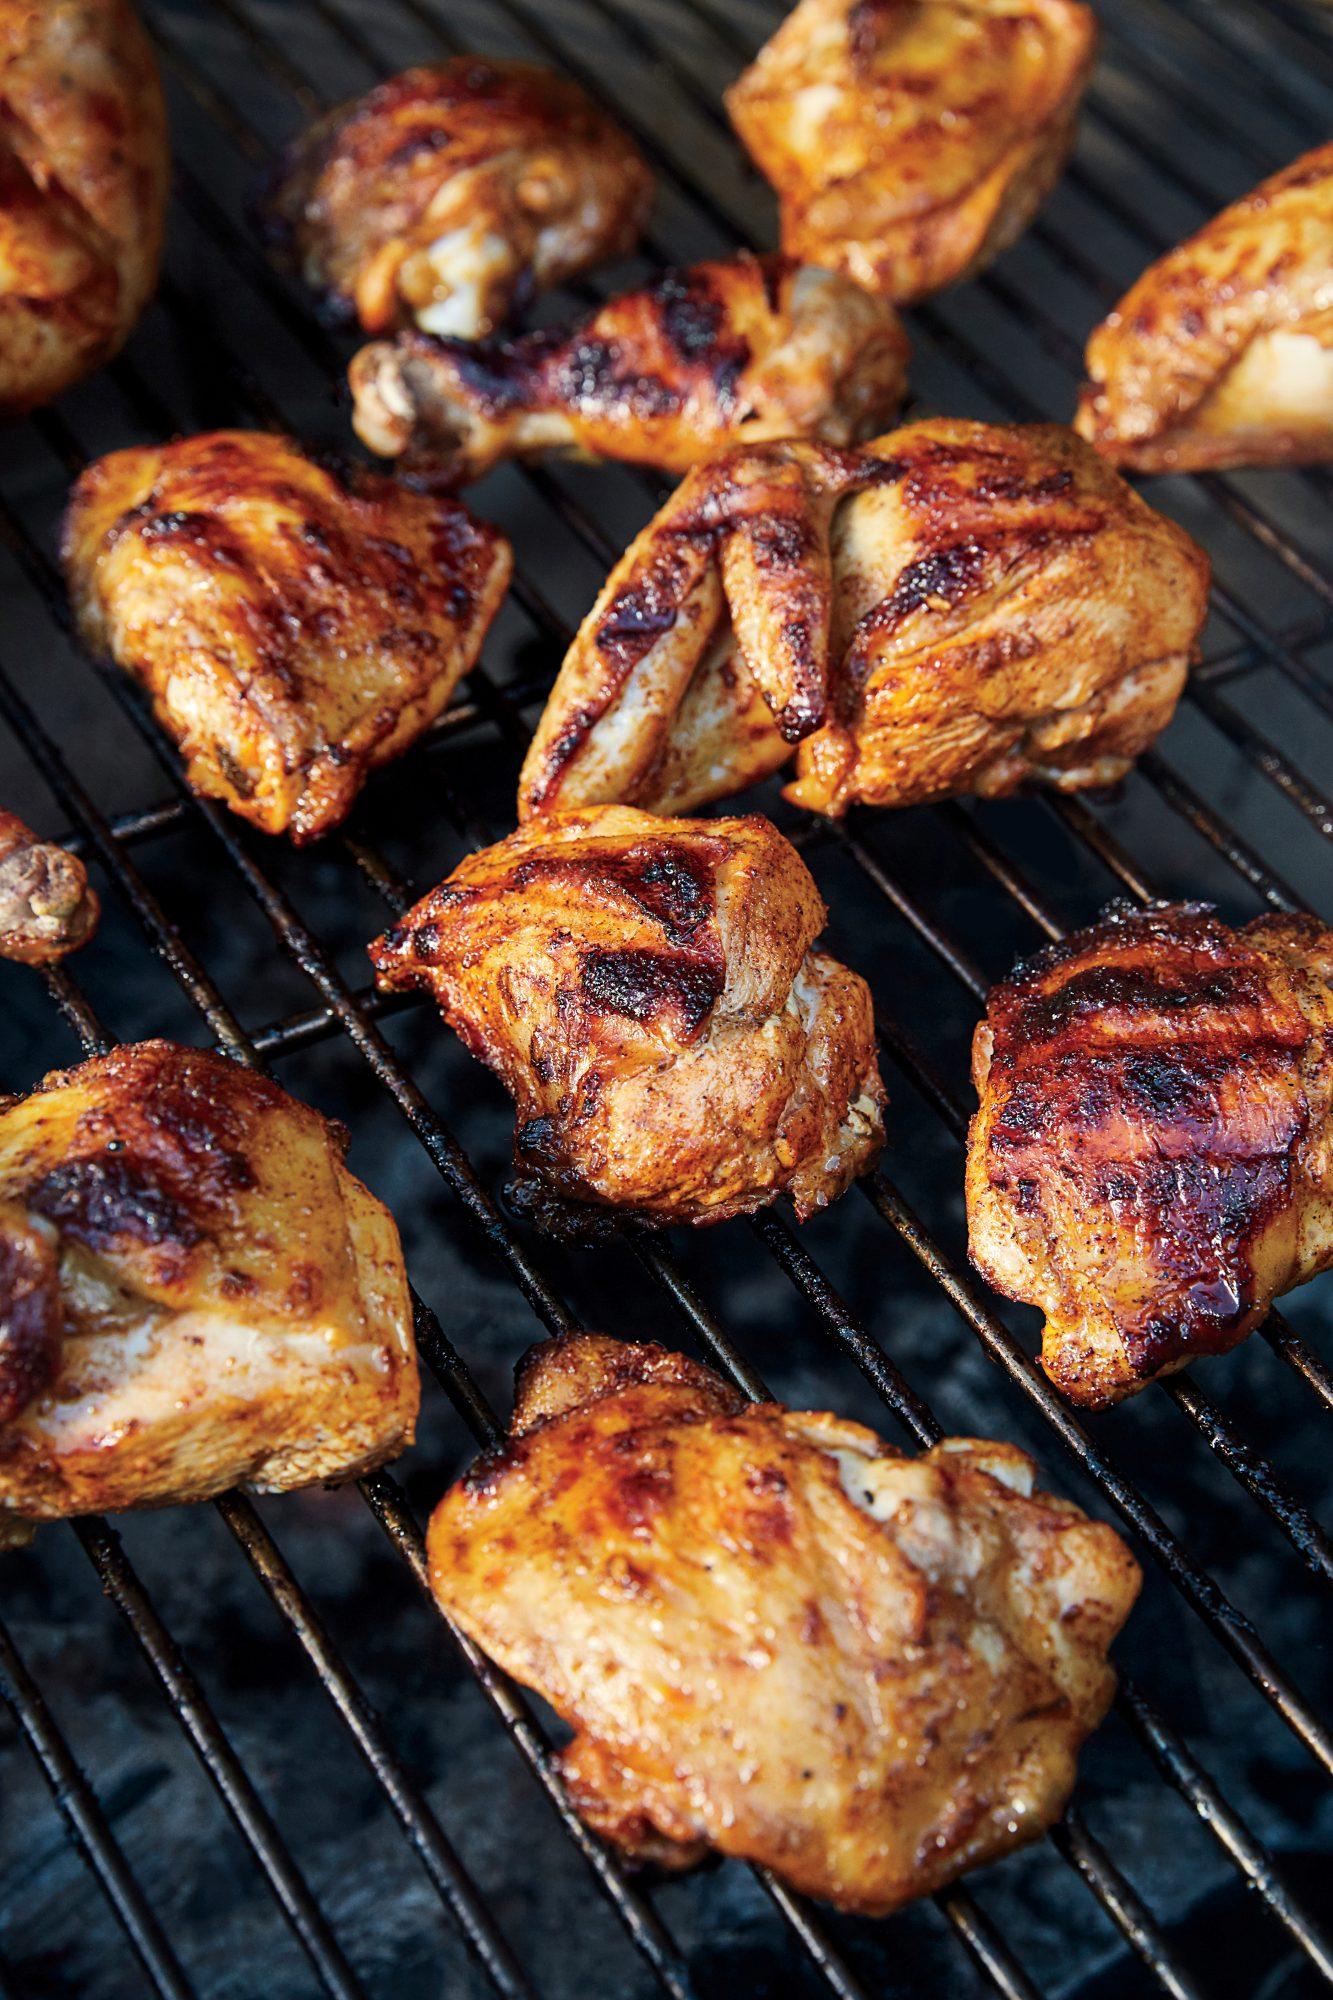 LA Charred Chicken